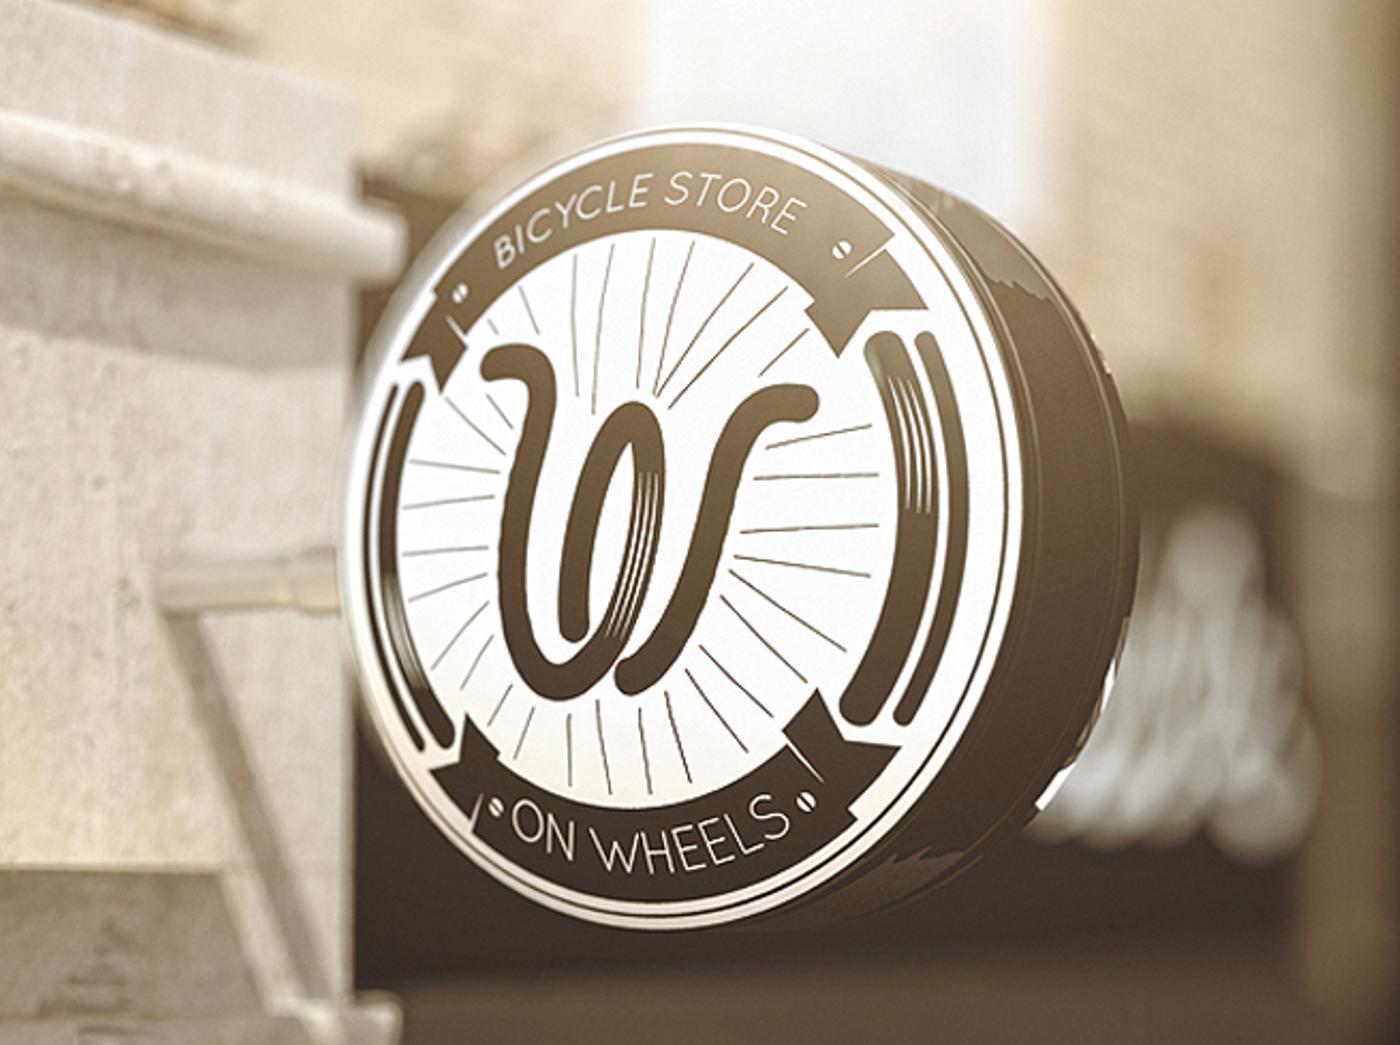 On Wheels Bicycle Store Branding